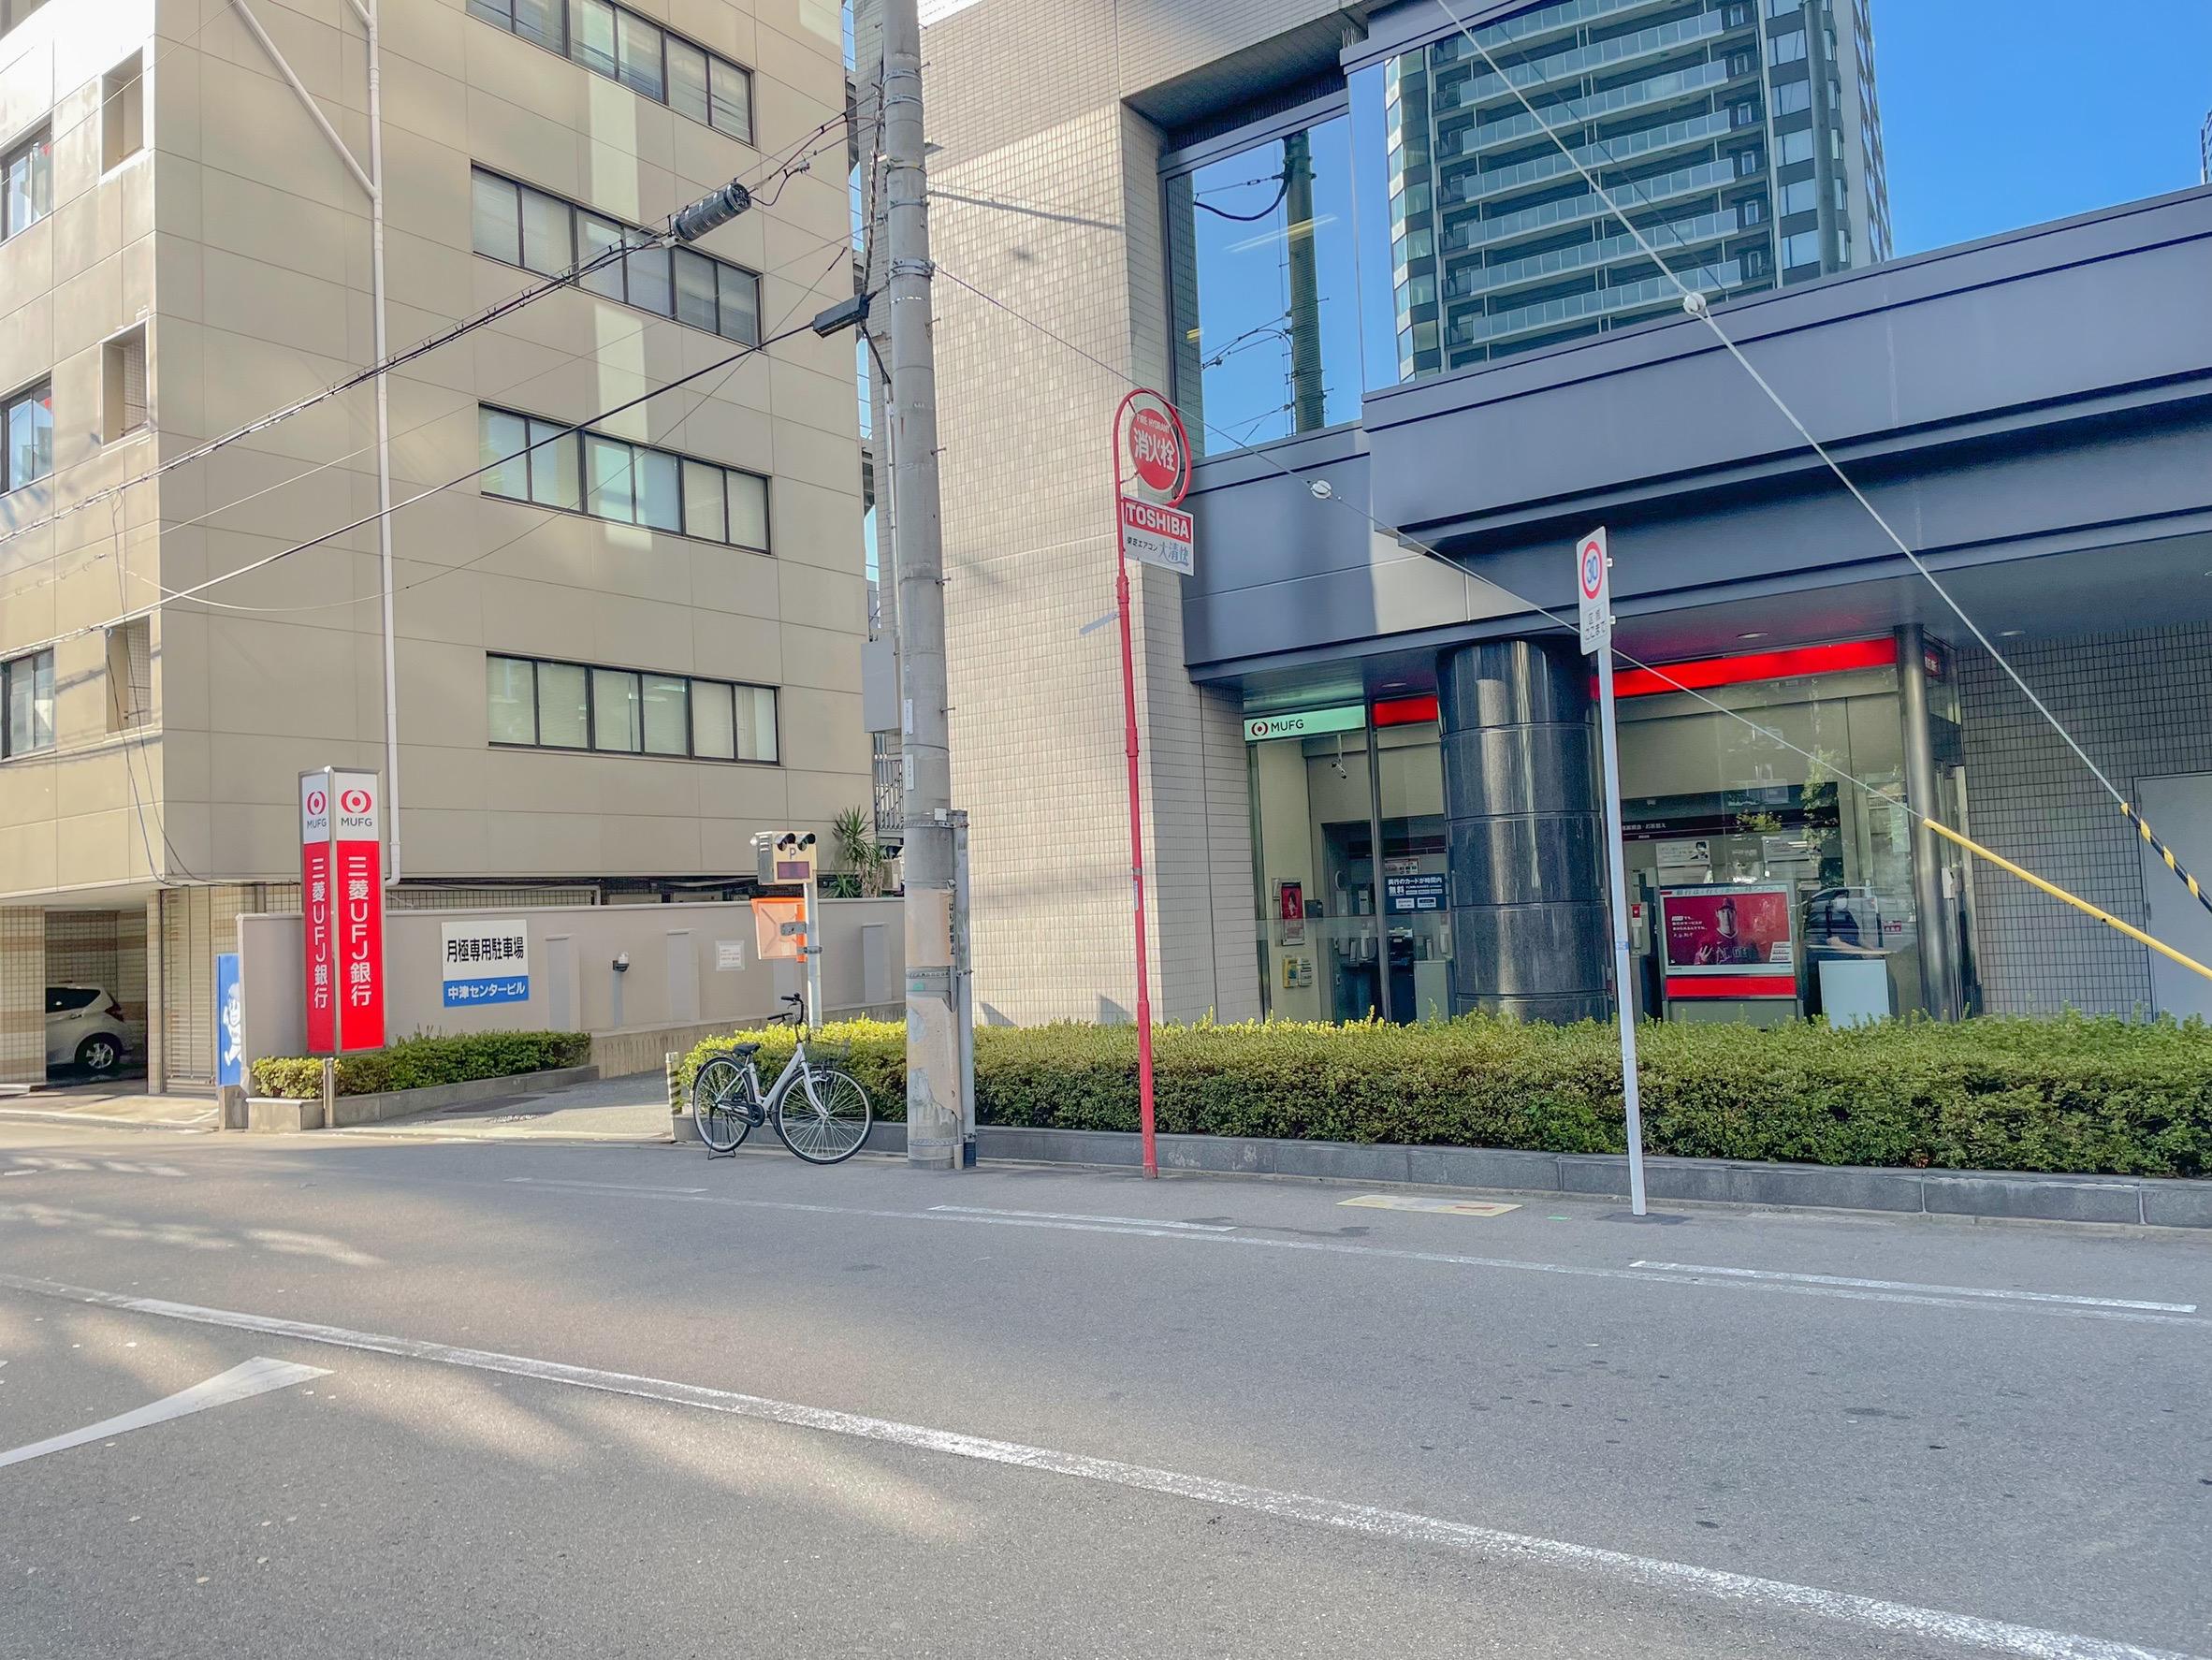 三菱UFJ銀行 徒歩6分 宅都プロパティ大阪学生向けマンション総合サイト studentroom